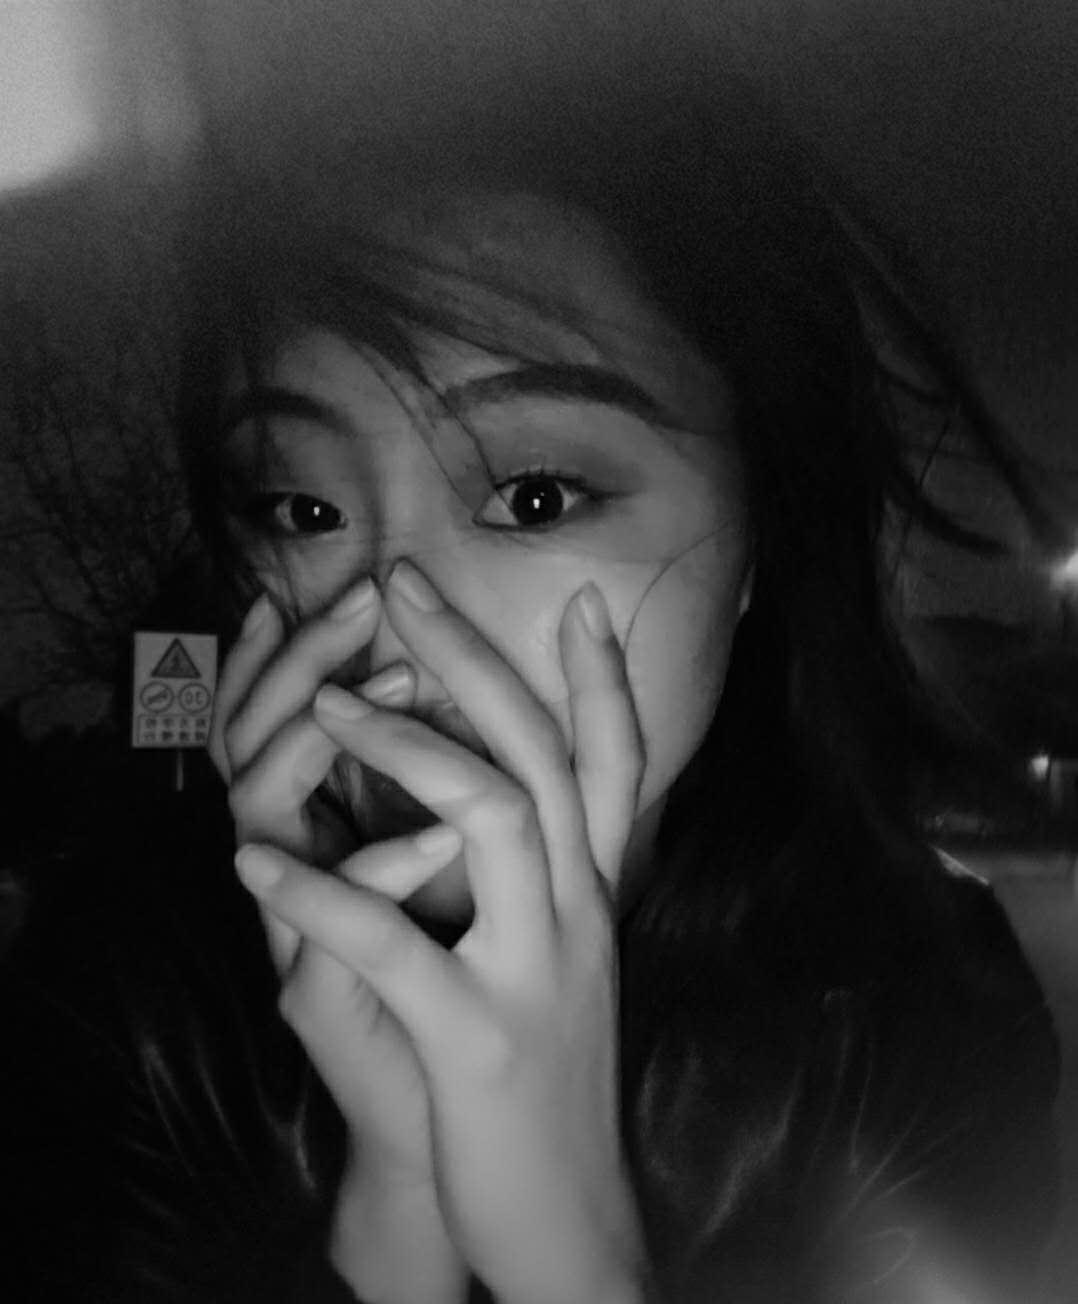 刘福蓉:来自一个陌生人对生活的期盼